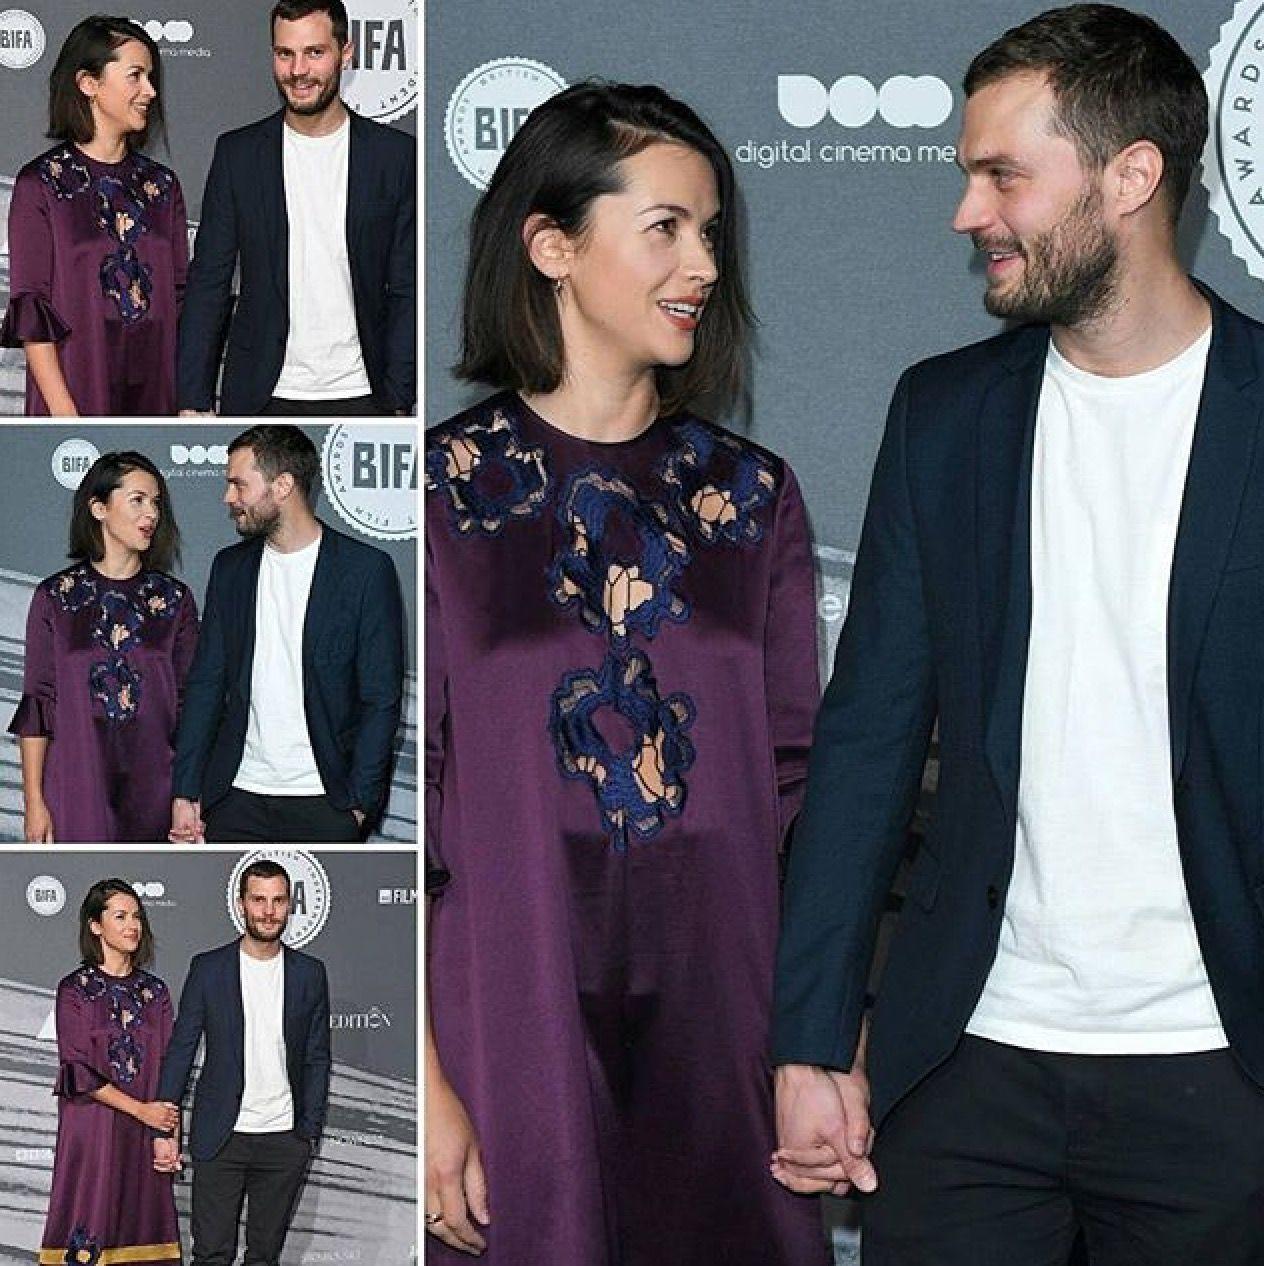 Jaime & Millie at BIFA Awards 12/4/16